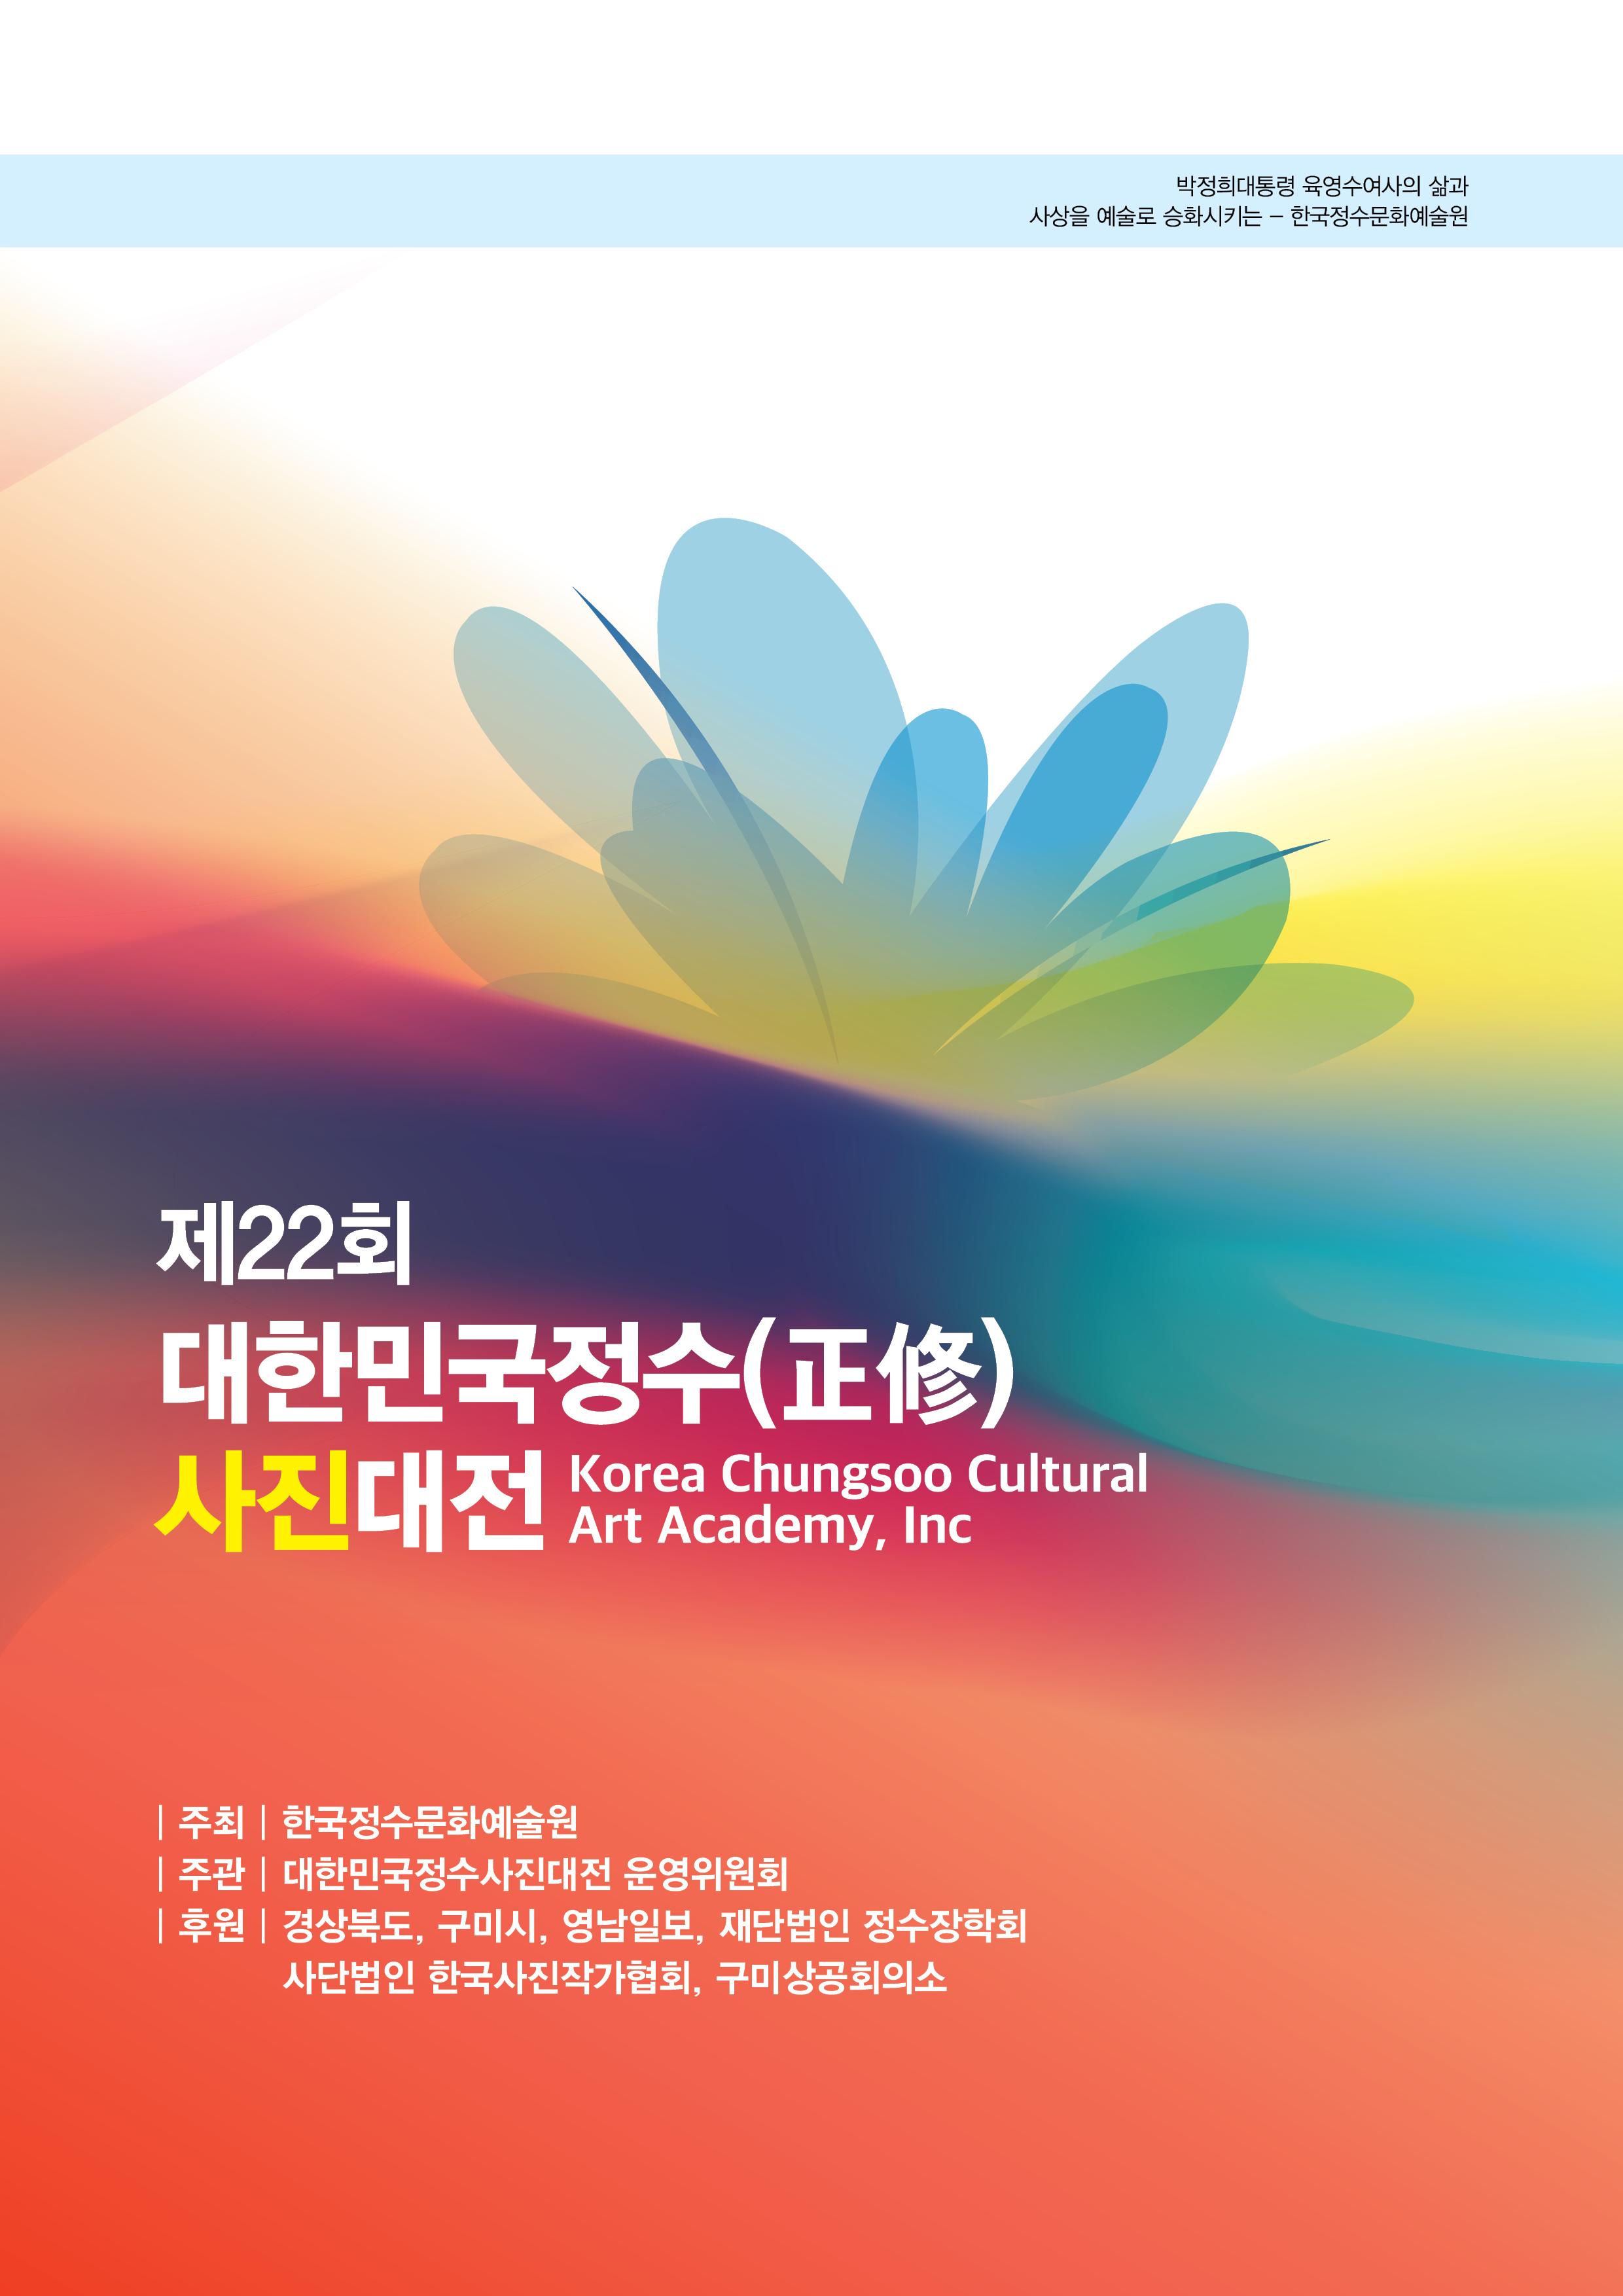 제22회 한국정수 사진대전-공모요강.jpg